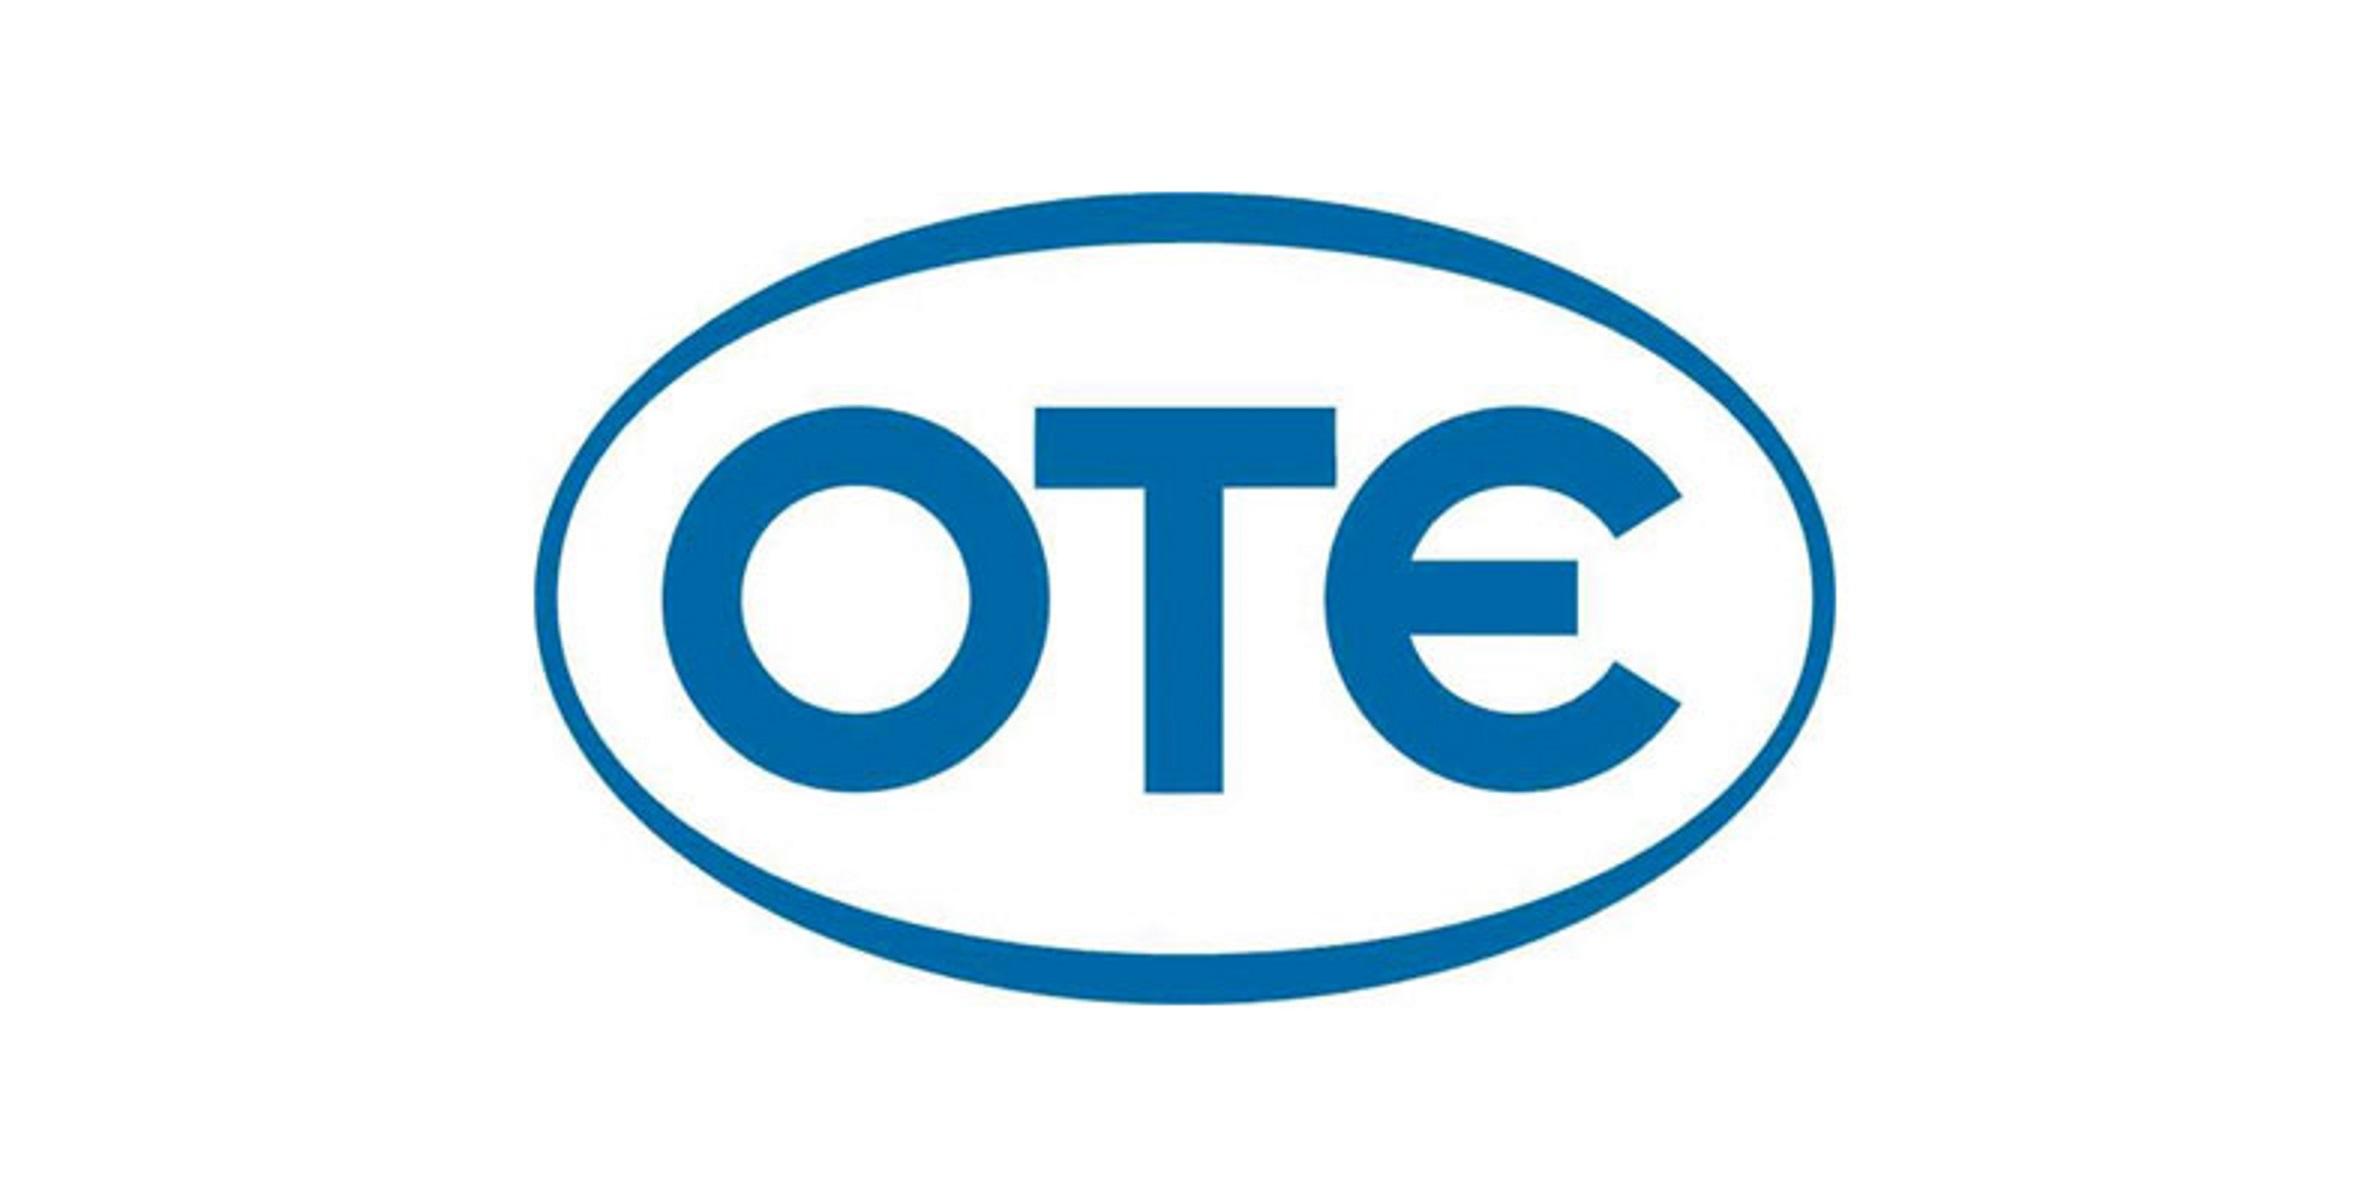 ΟΤΕ: Ισχυρό το β' τρίμηνο στον απόηχο της υγειονομικής κρίσης